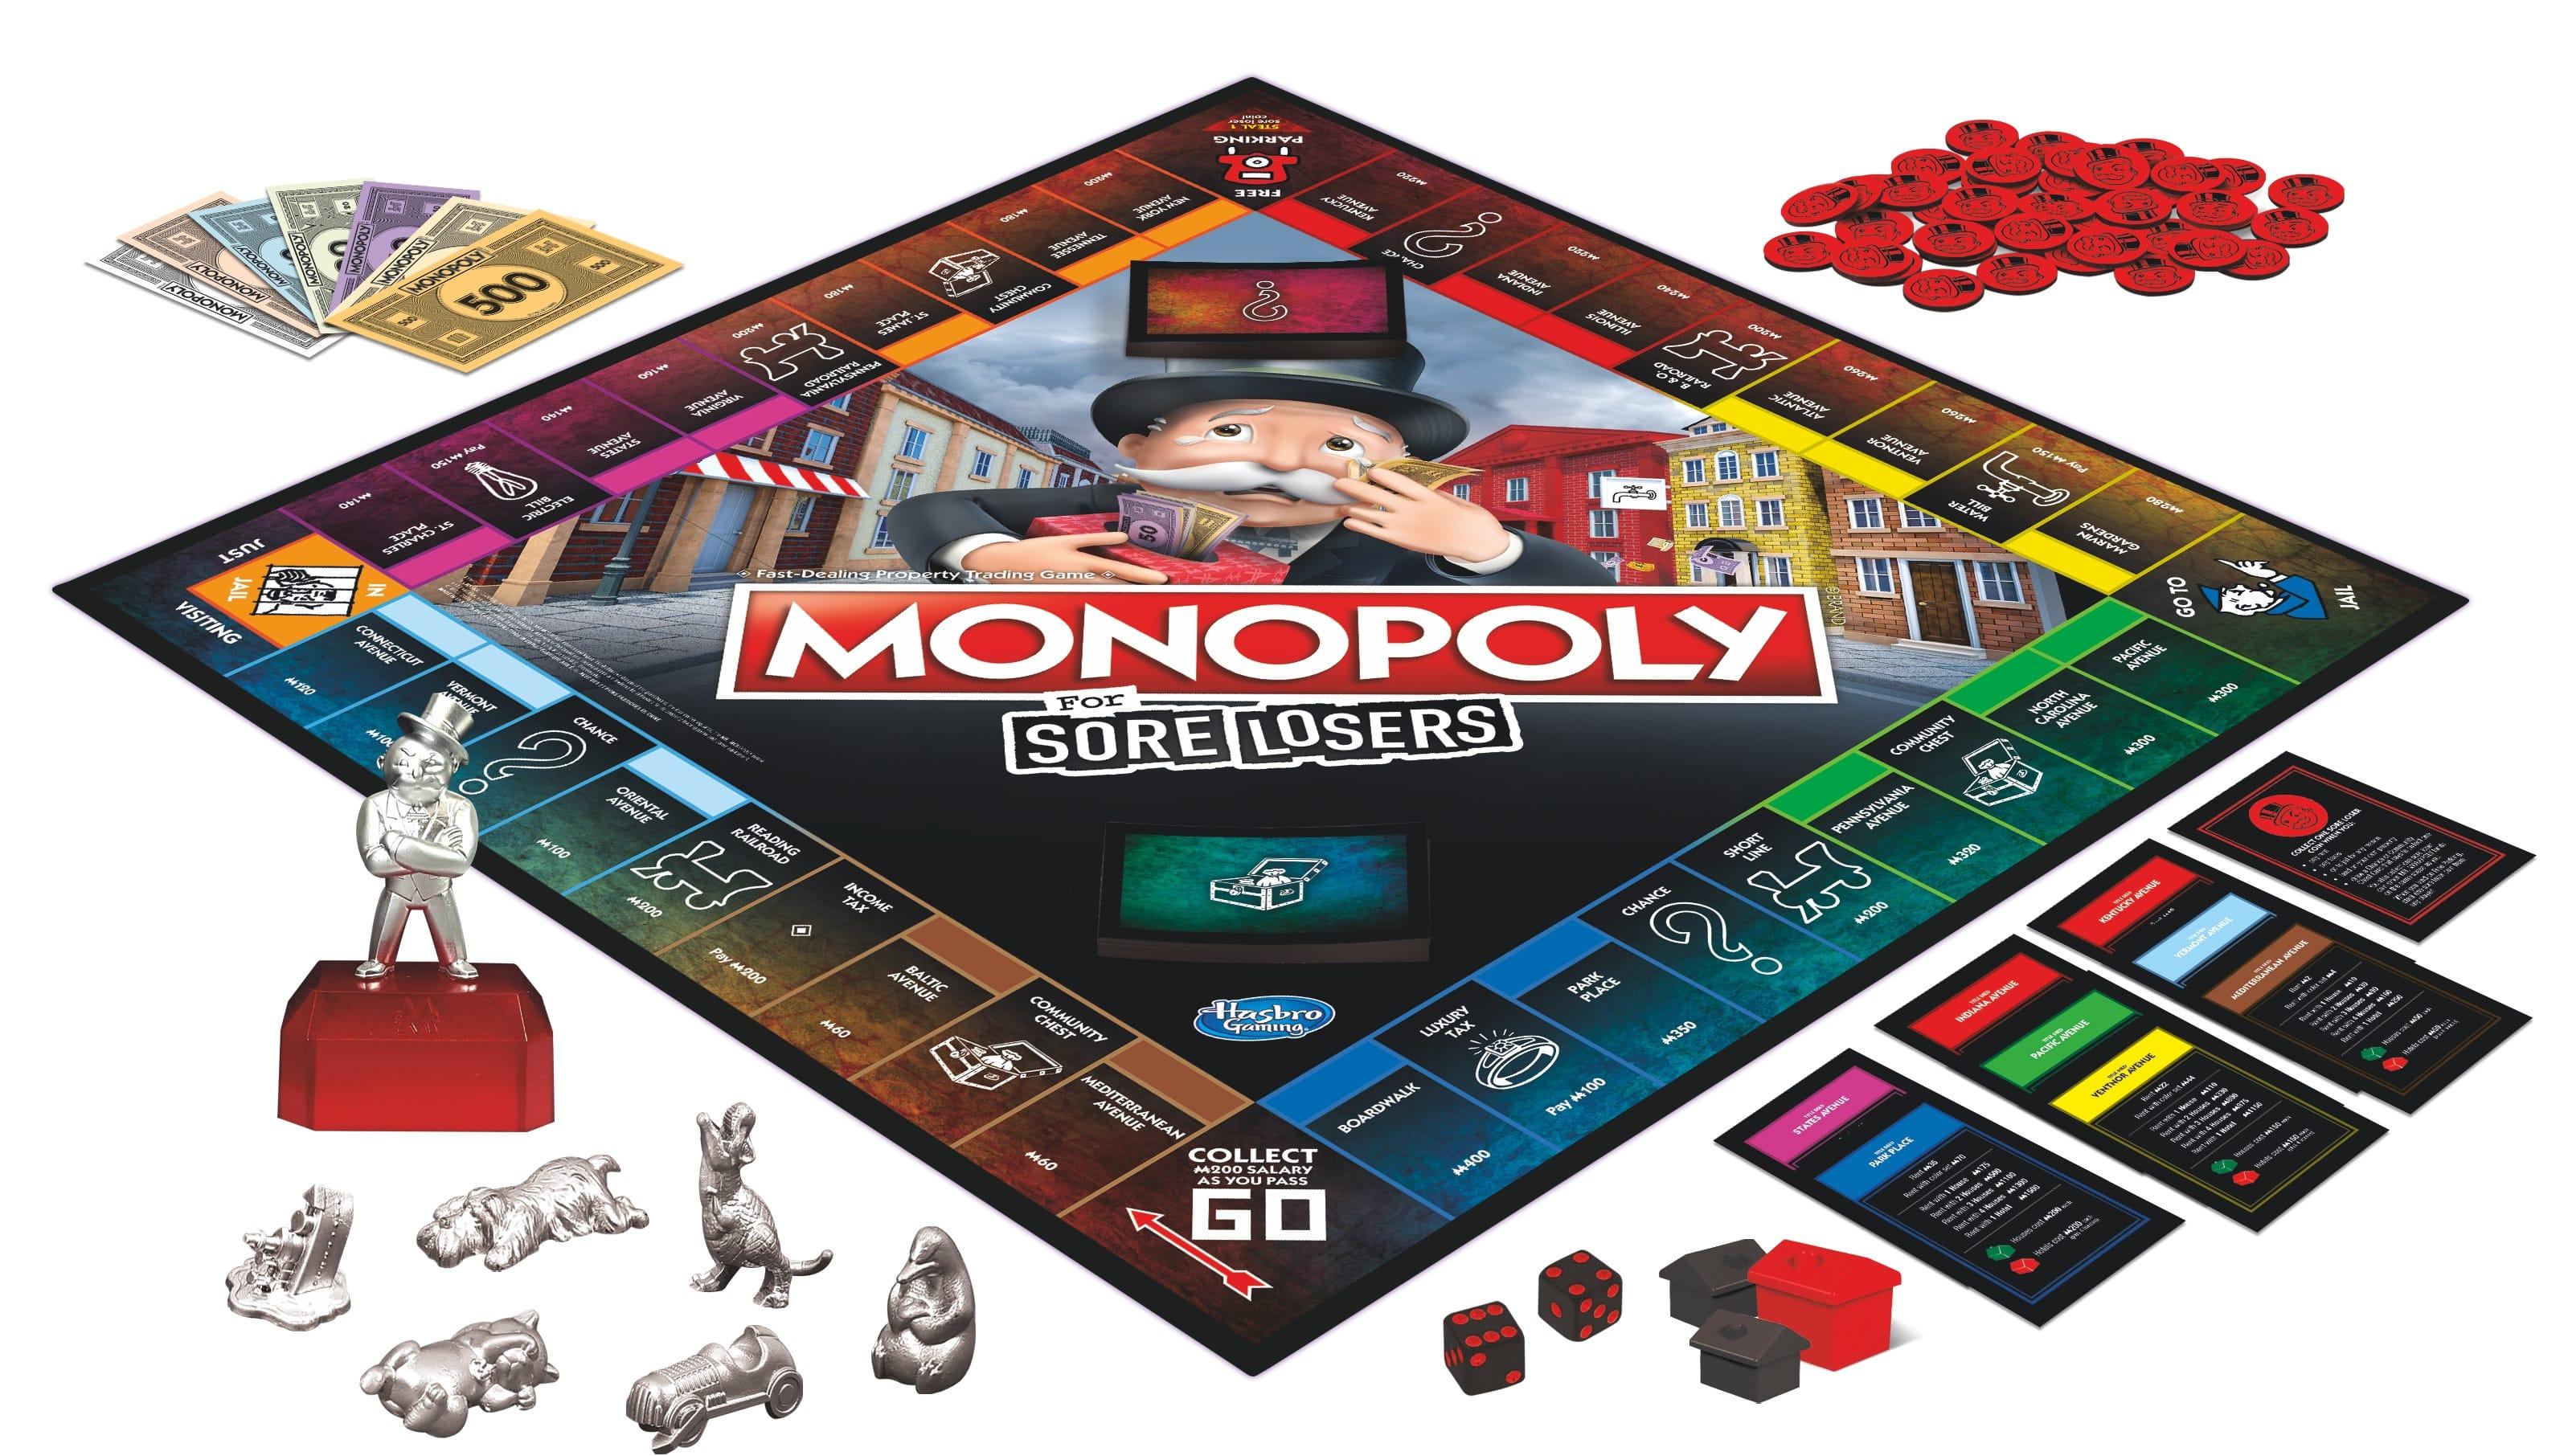 E9972 MONOPOLY Sore Losers board